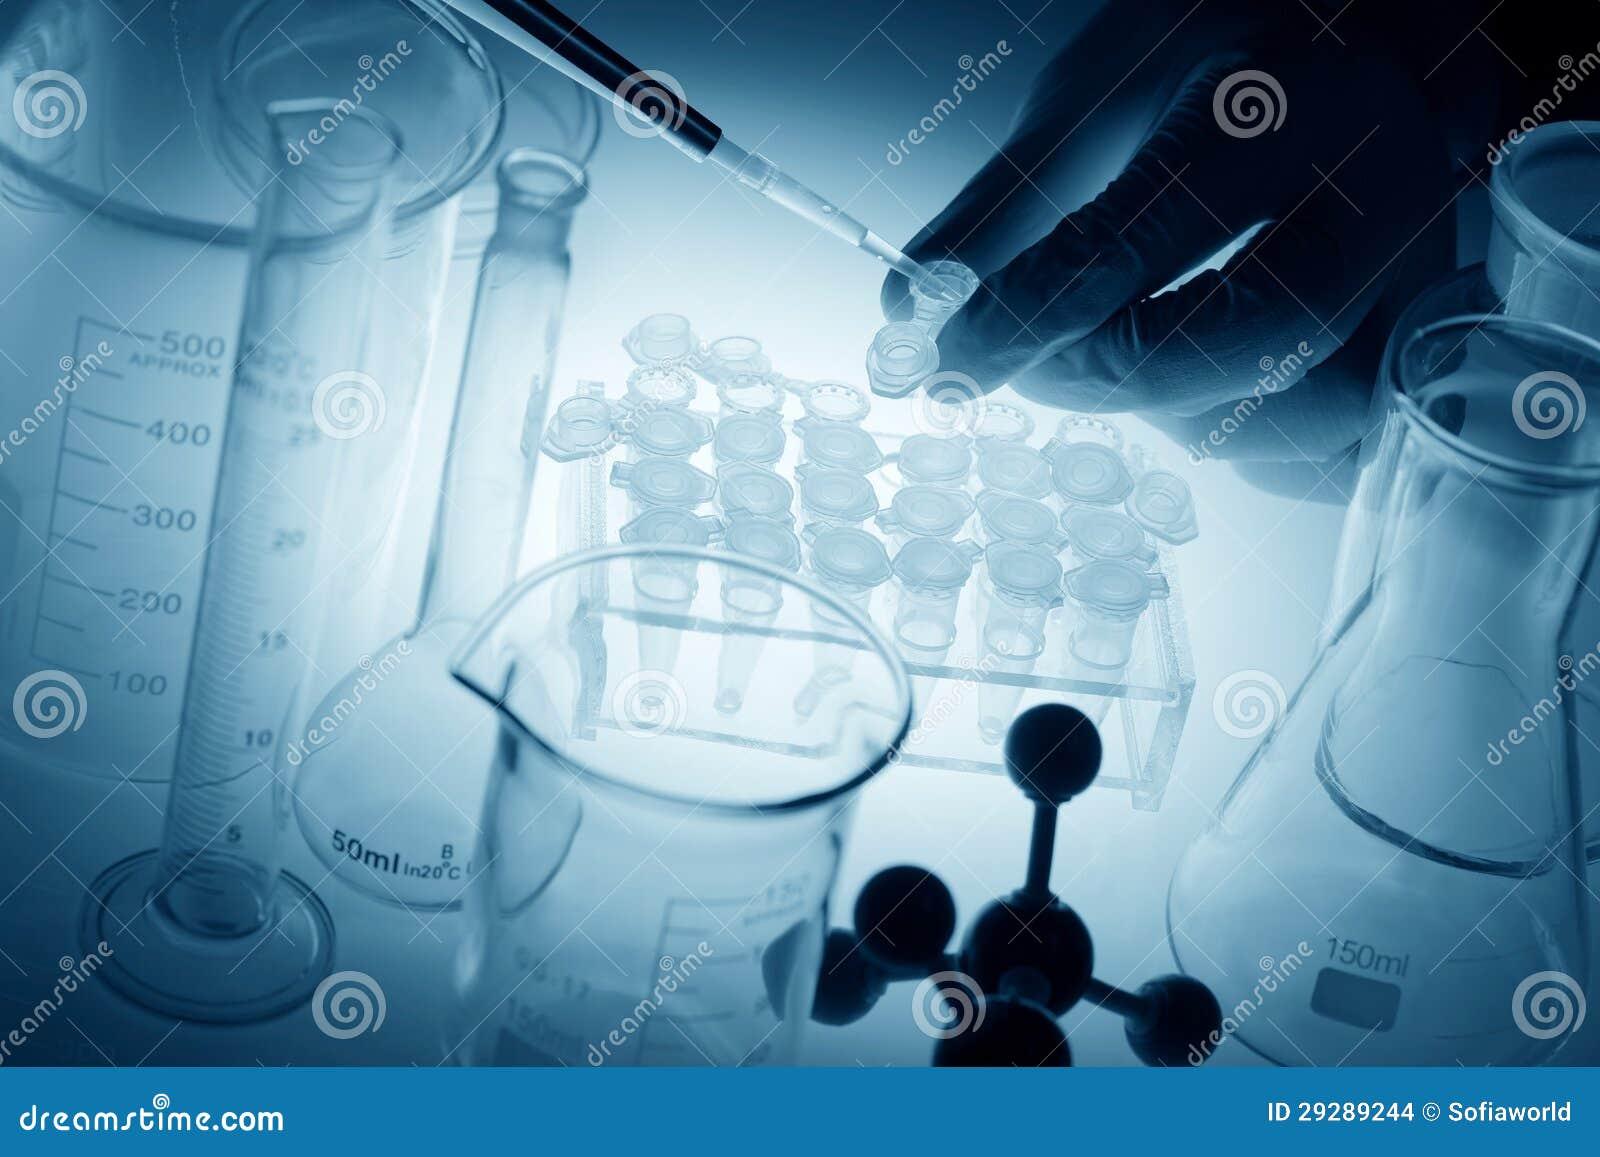 Ciencia e investigación médica